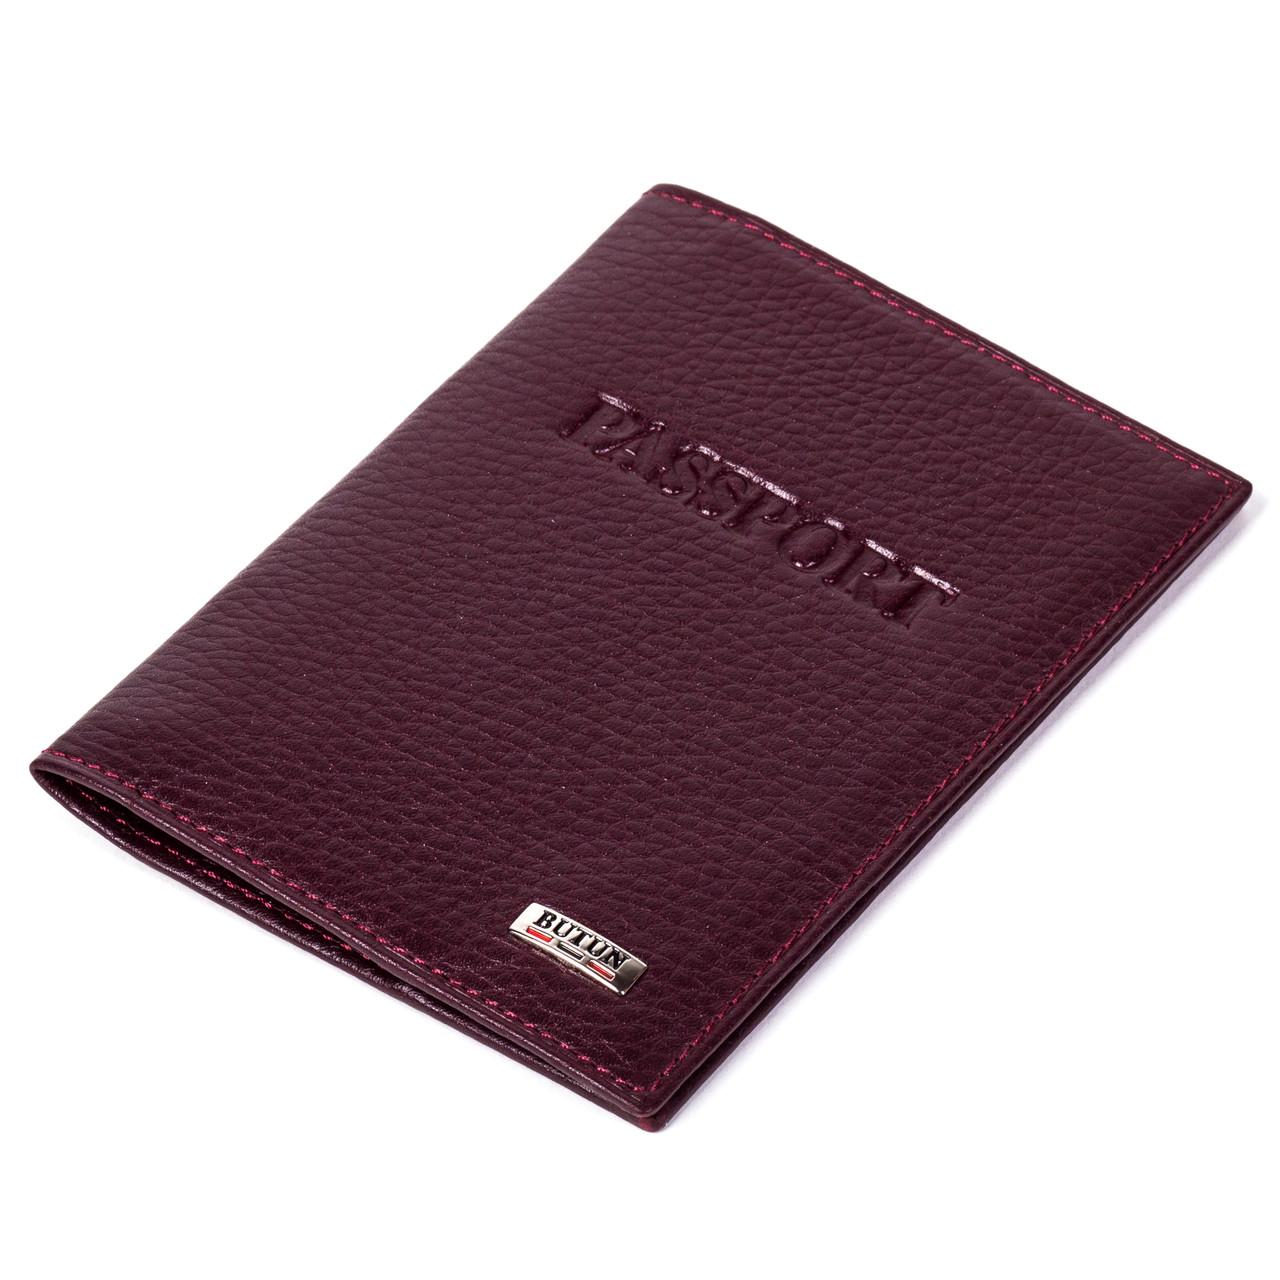 Обложка на паспорт Butun 147-004-002 кожаная бордовая